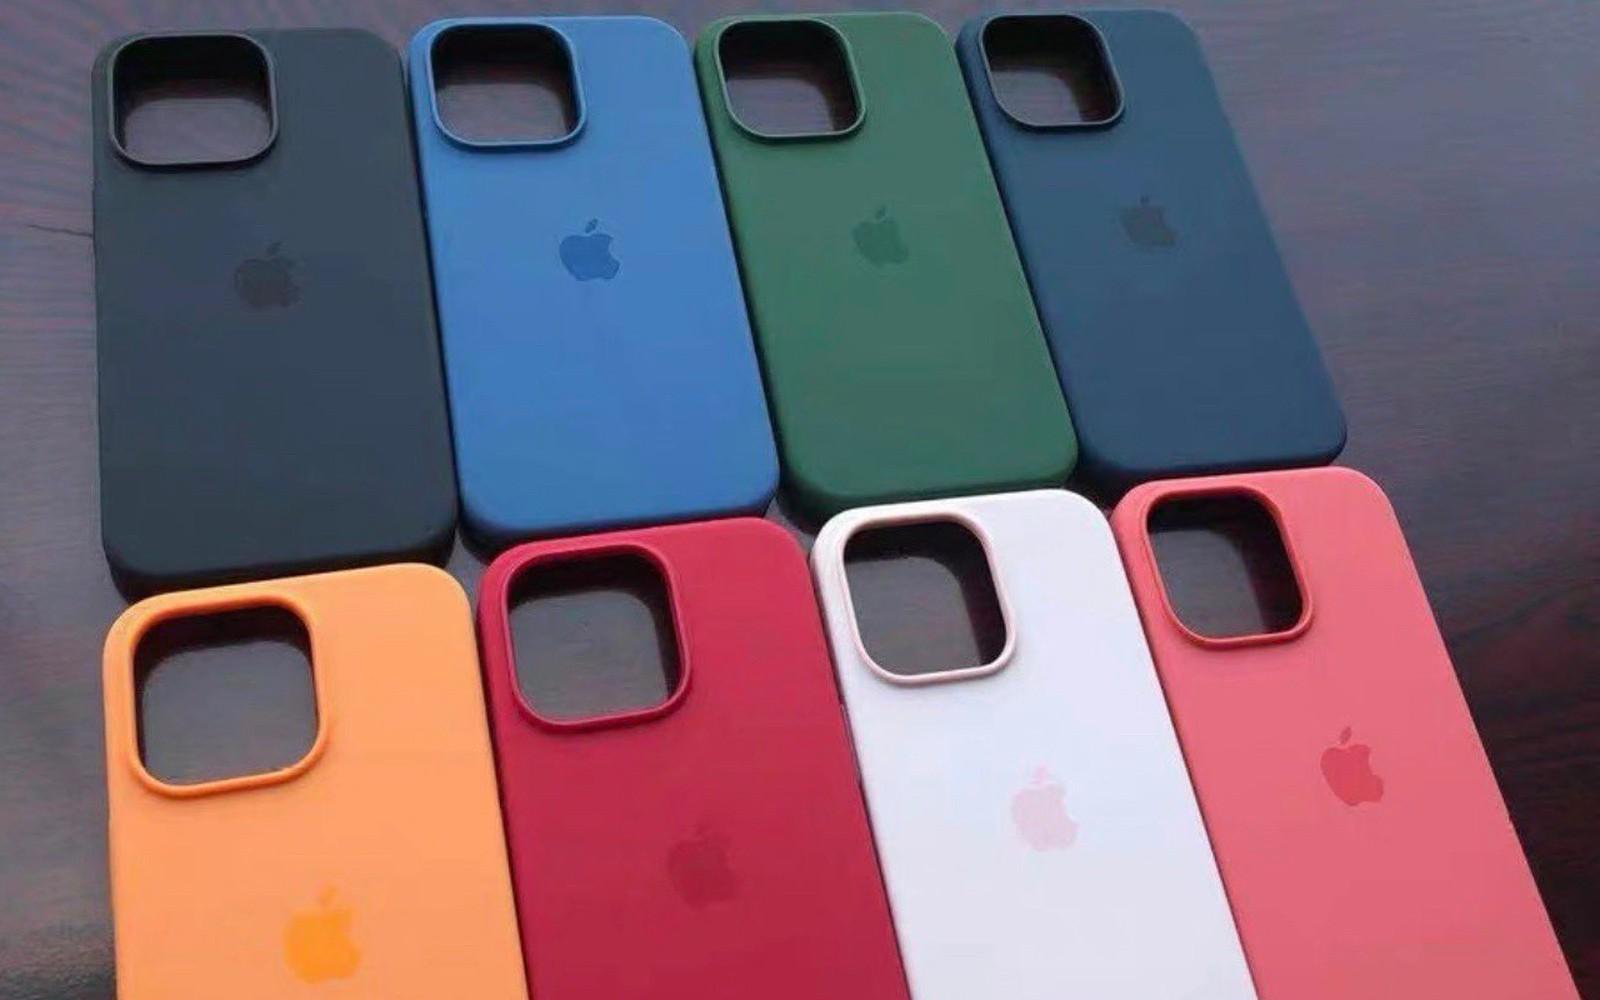 疑似苹果 iPhone 13 四款机型官方保护壳曝光